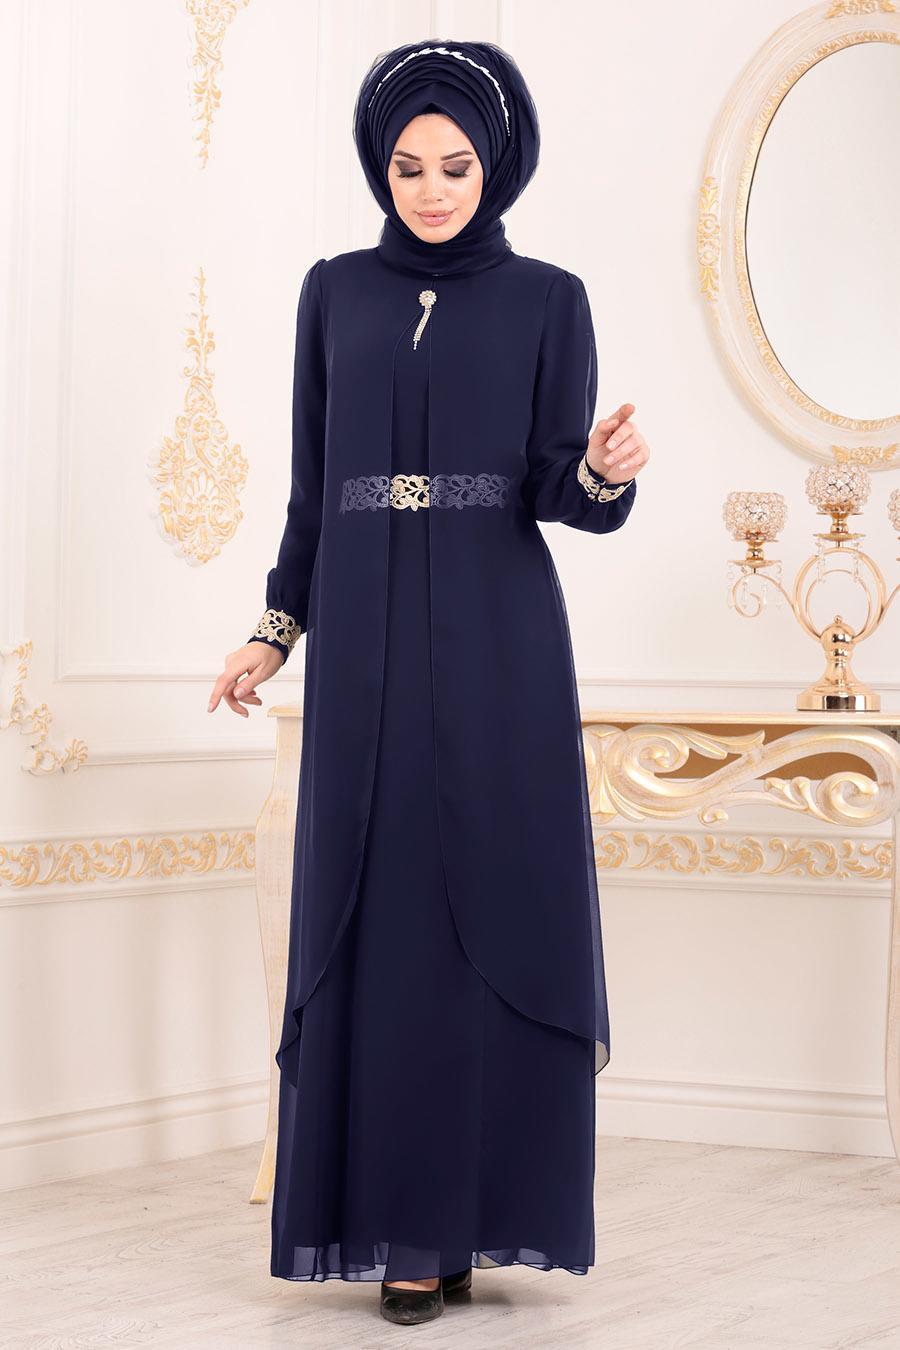 Nayla Collection - Dantel Detaylı Tüllü Lacivert Tesettür Abiye Elbise 95843L